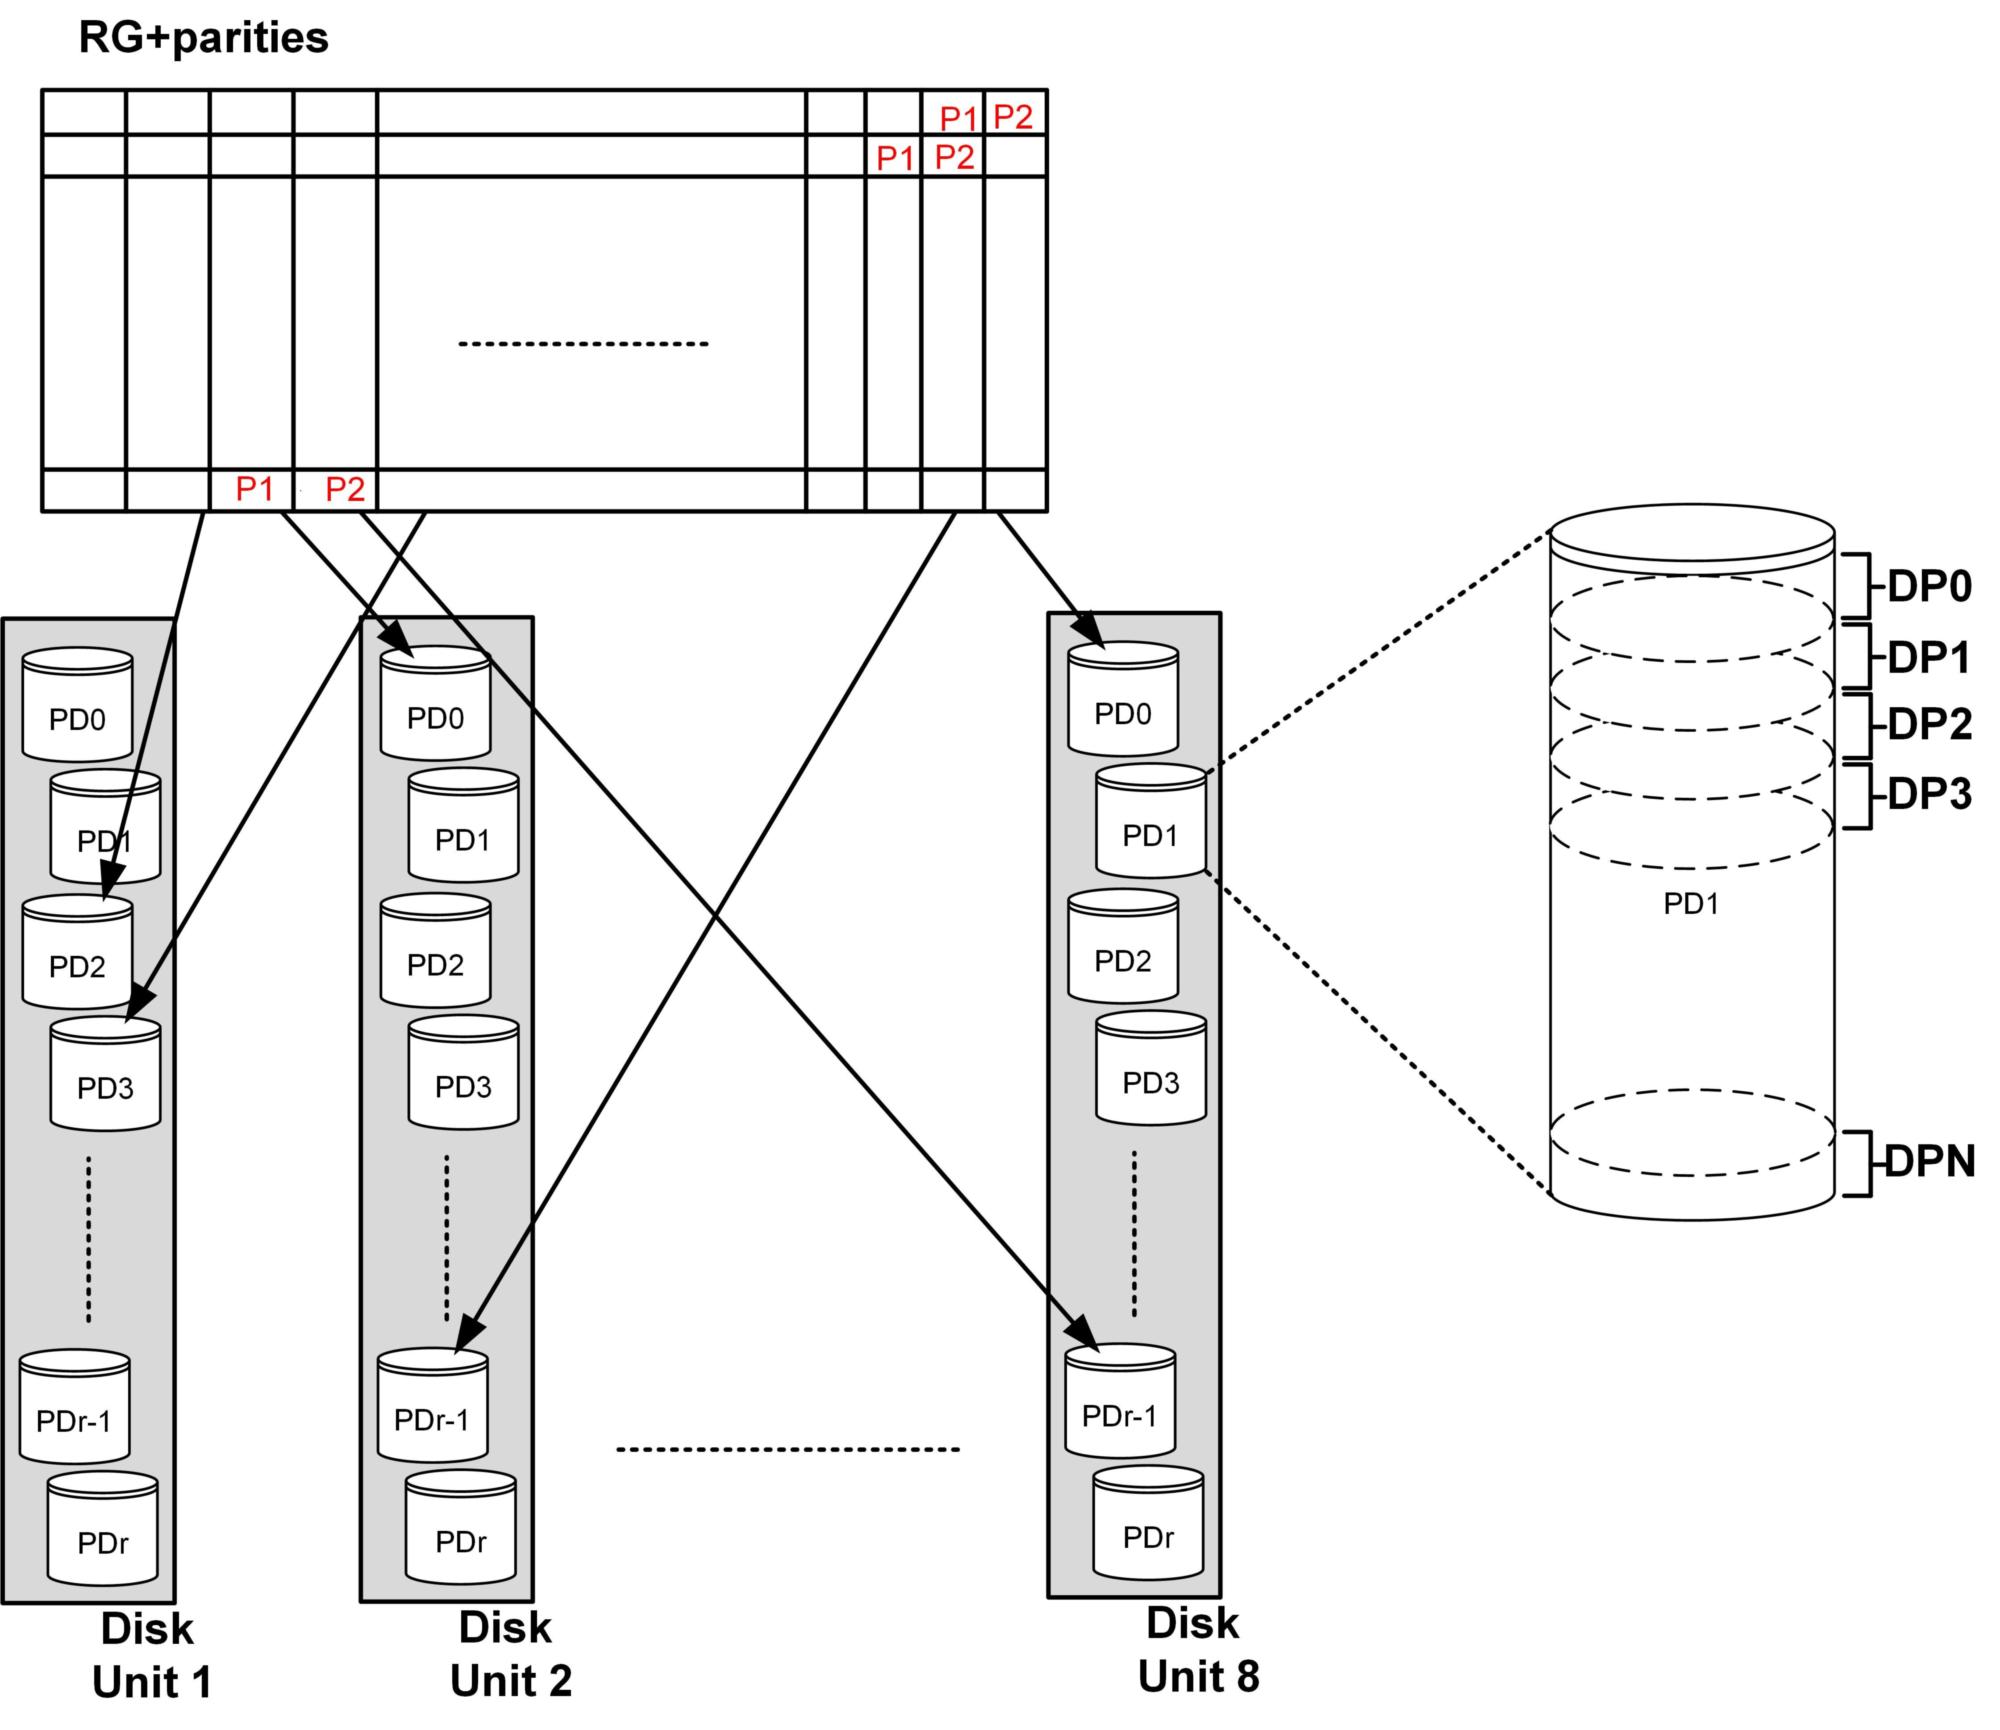 Технический обзор архитектуры СХД Infinidat - 10